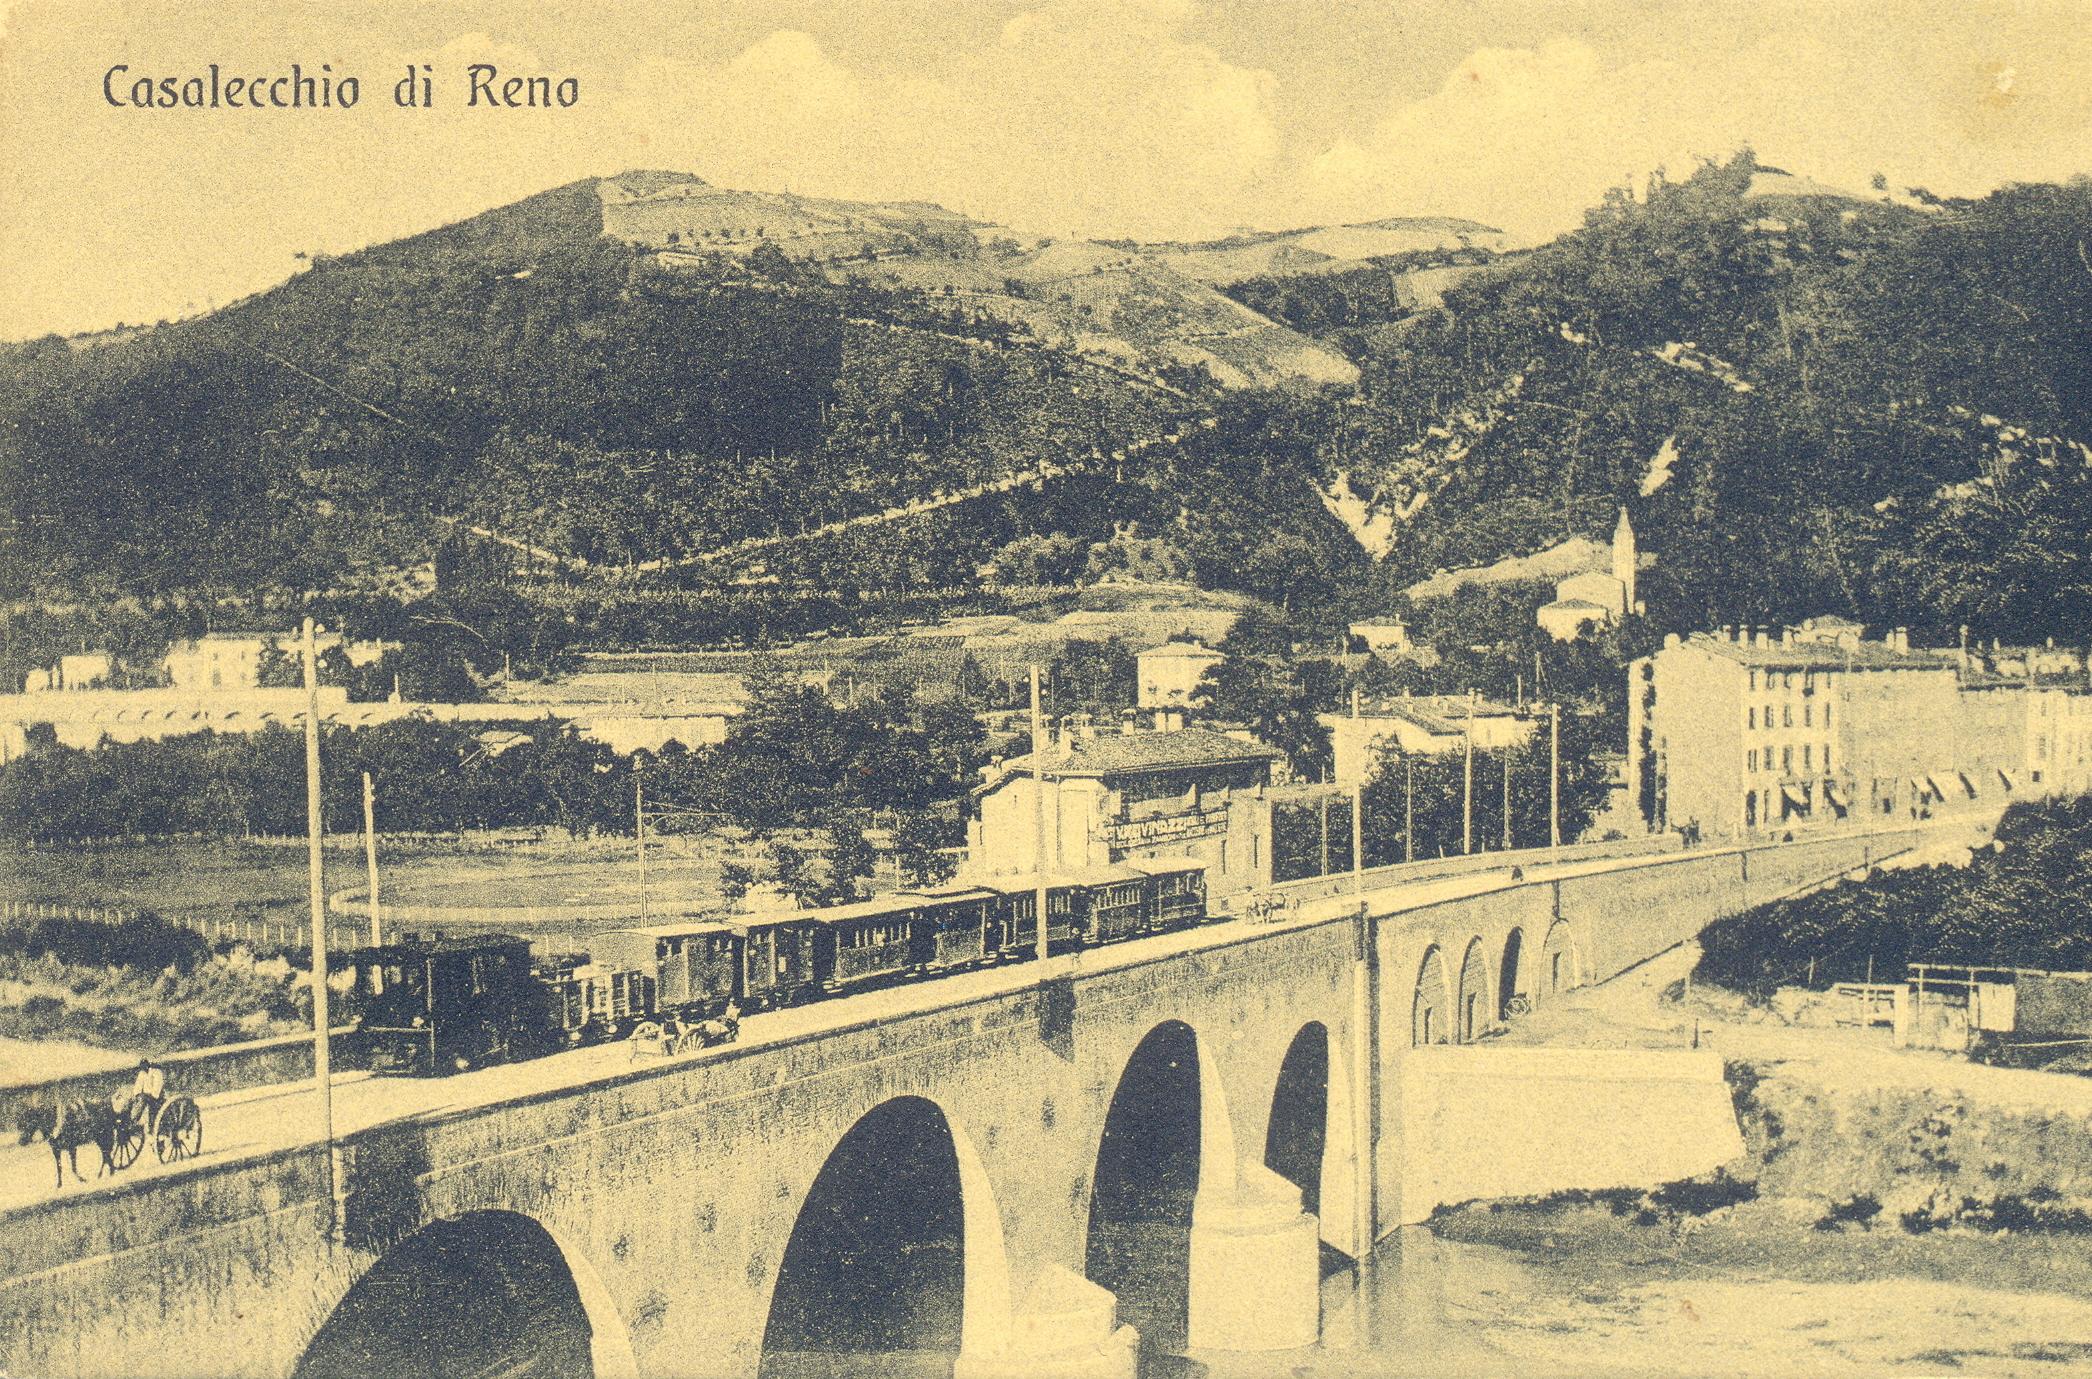 Il vaporino sul ponte a Casalecchio (Archivio fotografico Biblioteca C. Pavese)